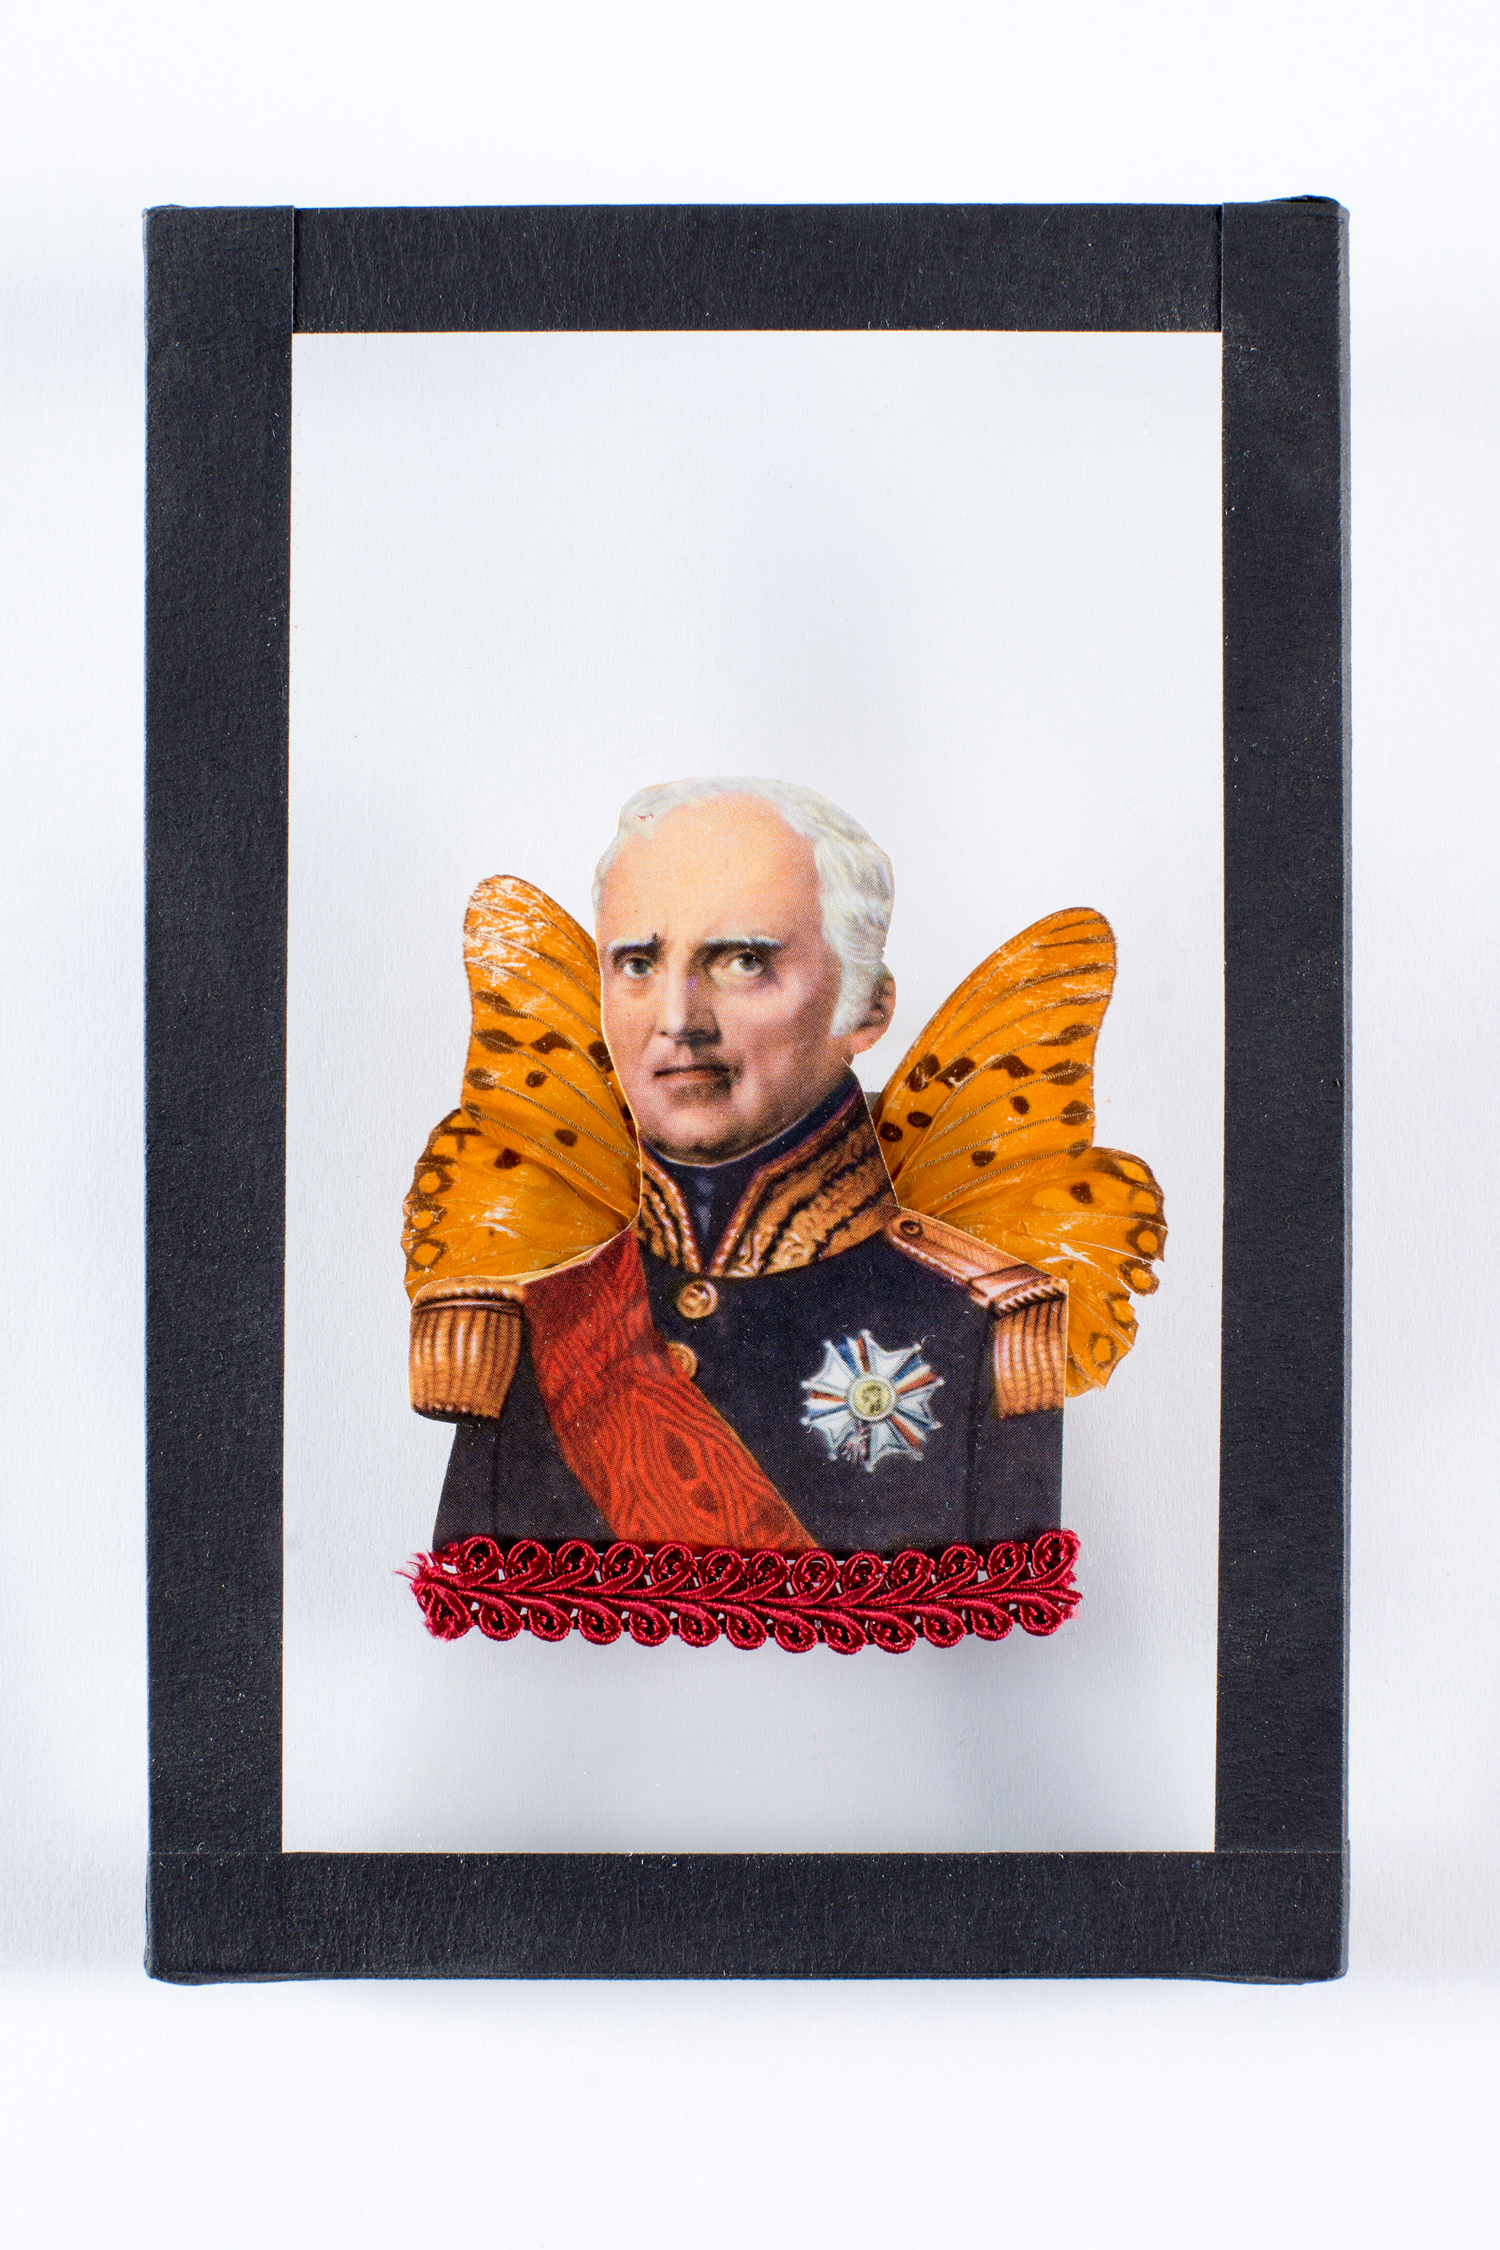 Homme Illustre-Papillon n°4 | Maïssa Toulet | Hommes Illustres-Papillons (n° 4 à 6)